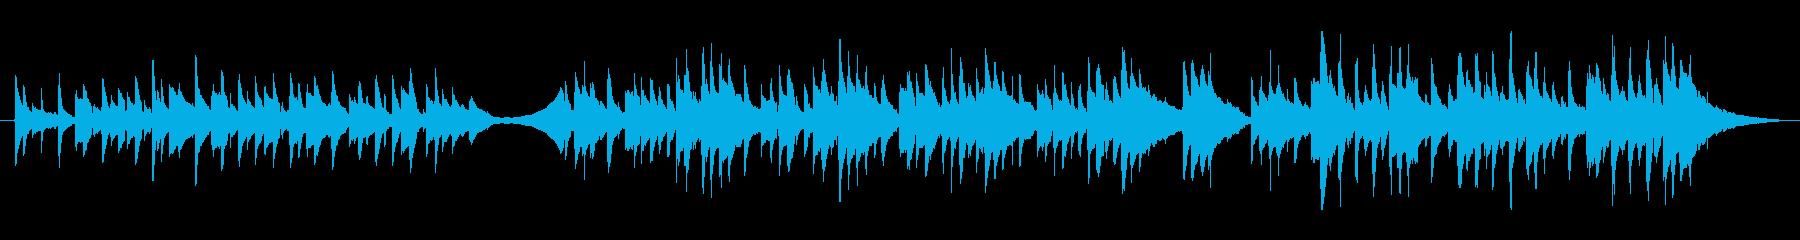 シンプルなウクレレは、この忘れられ...の再生済みの波形